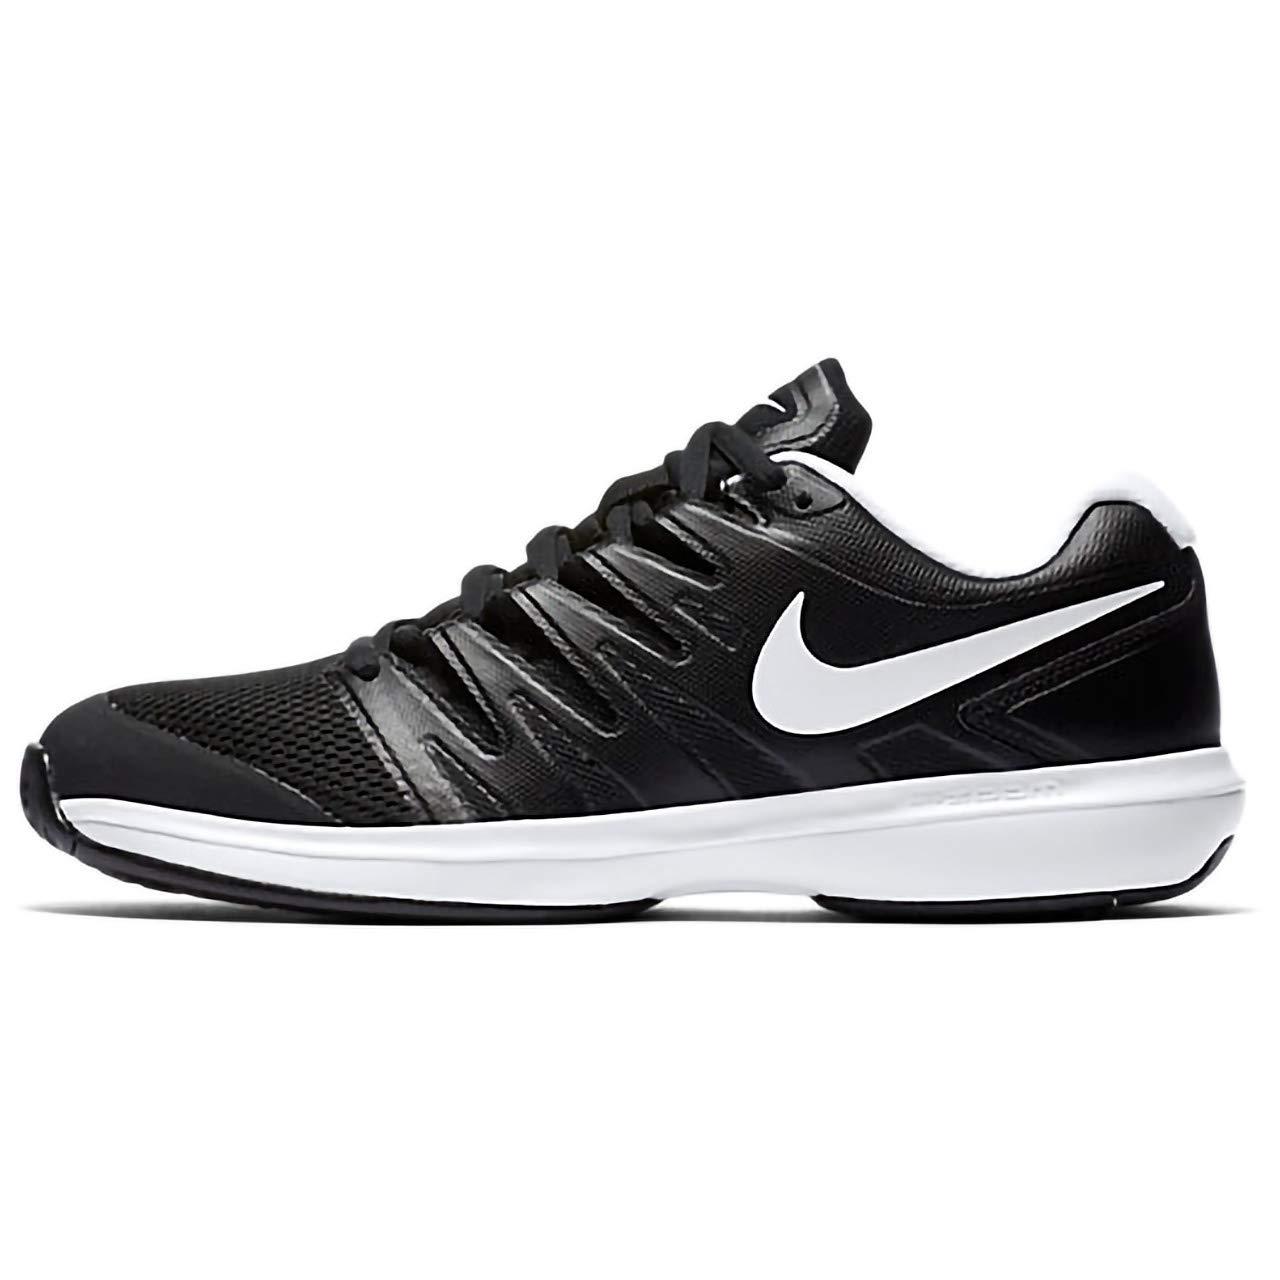 ナイキ(NIKE) テニスシューズ コート ズーム プレステージ HC AA8020-001 B0777PS14C 29.5 cm|ブラック×ホワイト(001) ブラック×ホワイト(001) 29.5 cm